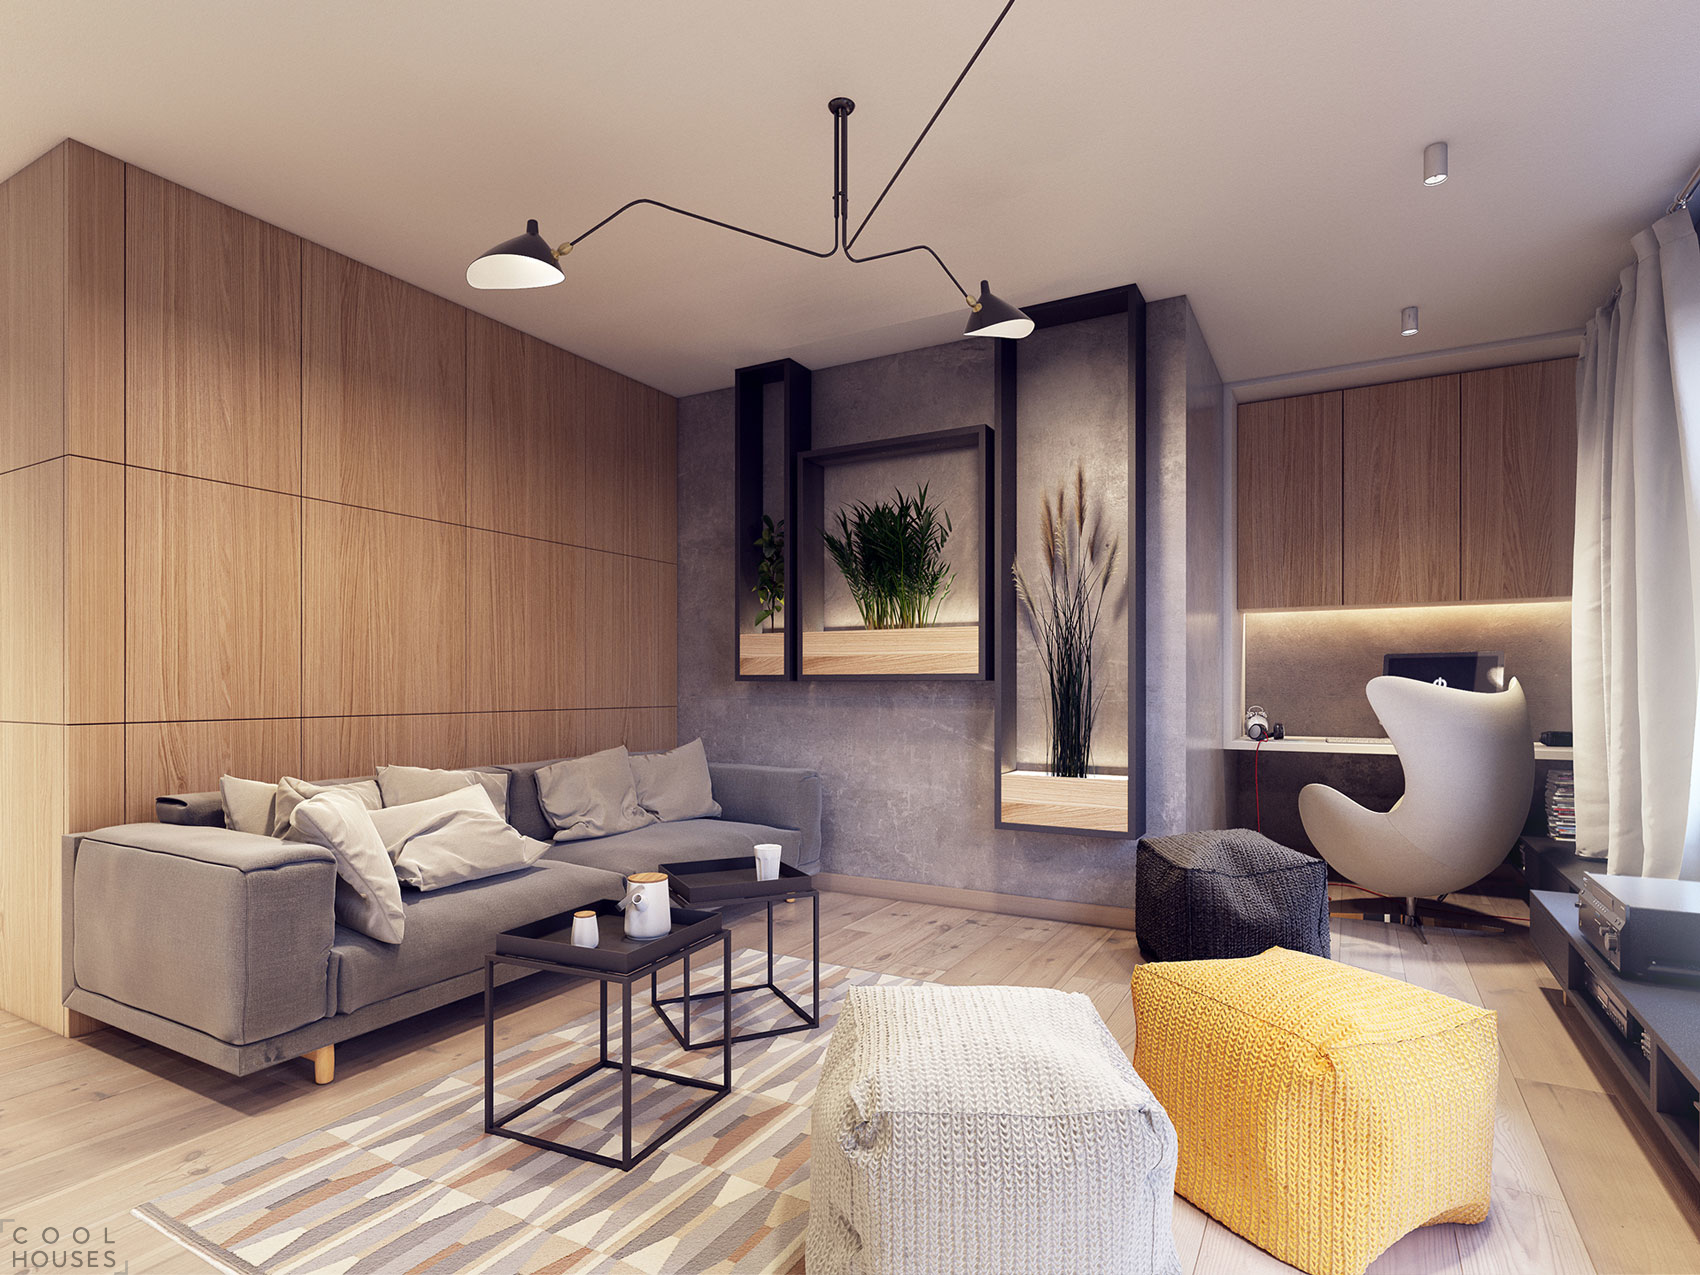 Современные интерьеры квартир 2016 фото